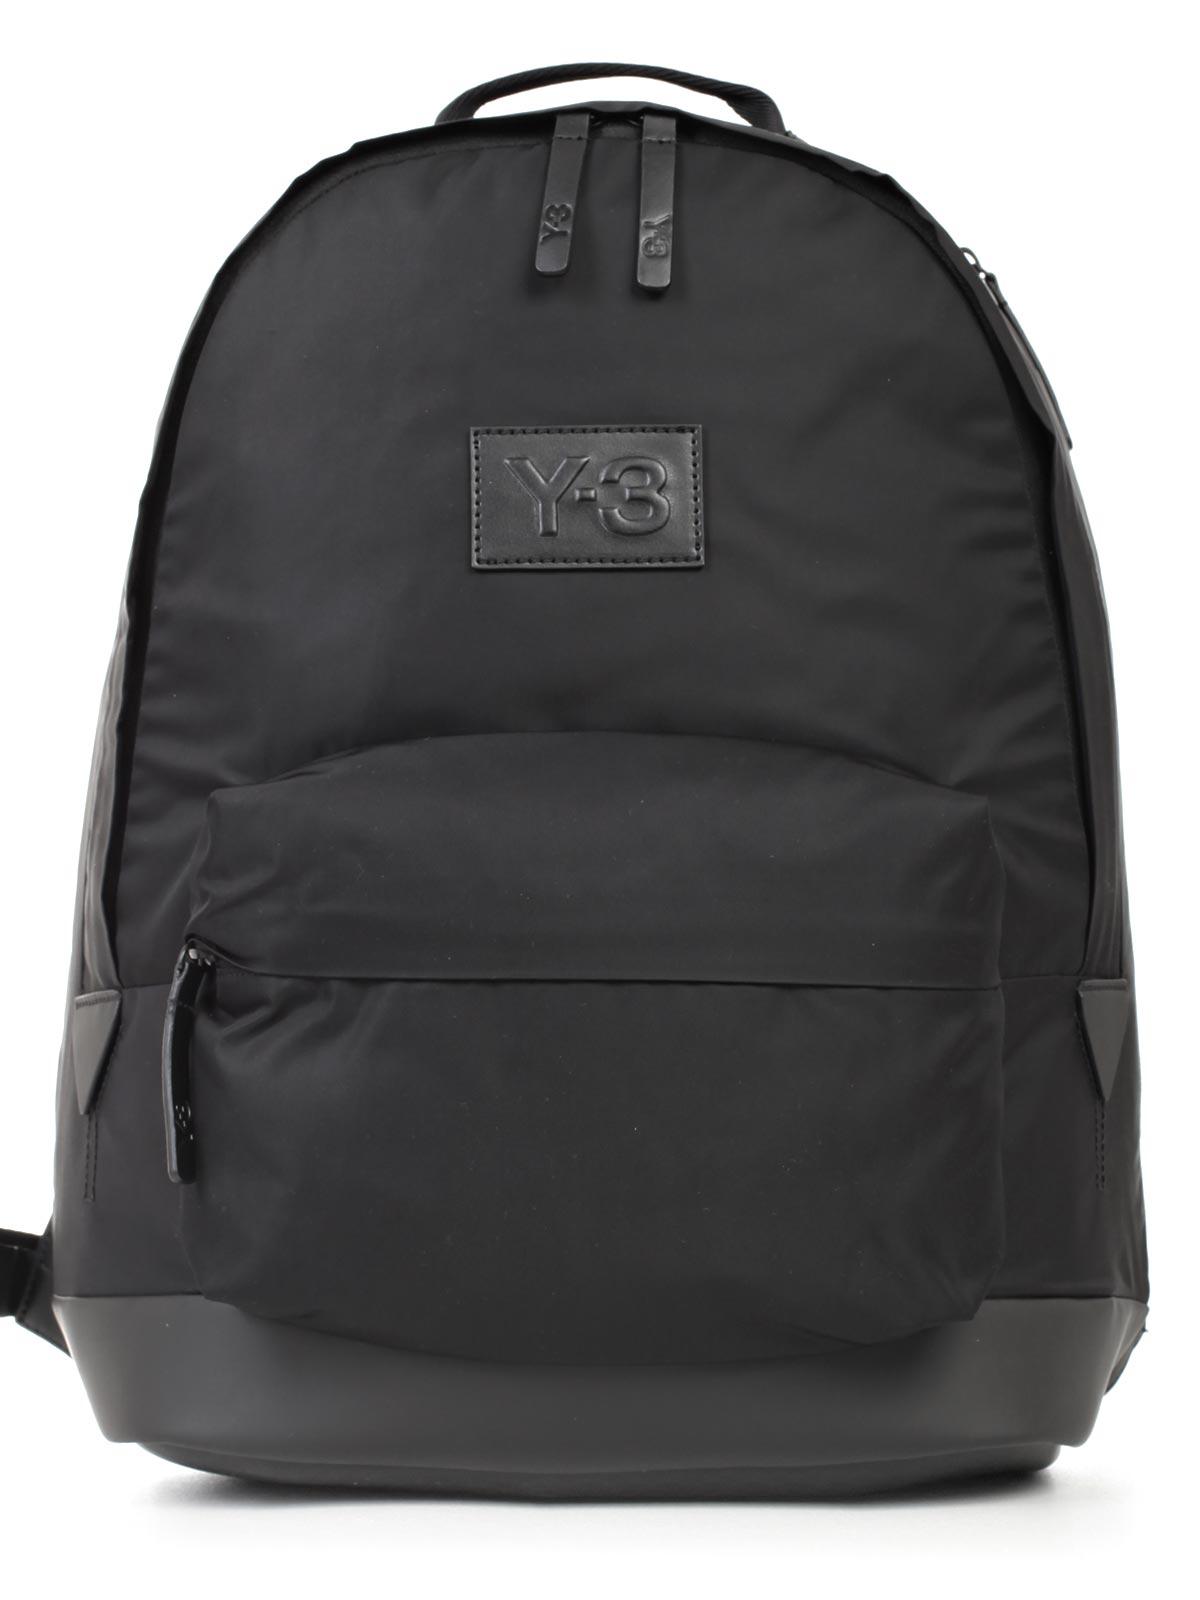 Picture of Y-3 YOHJI YAMAMOTO ADIDAS  Backpack